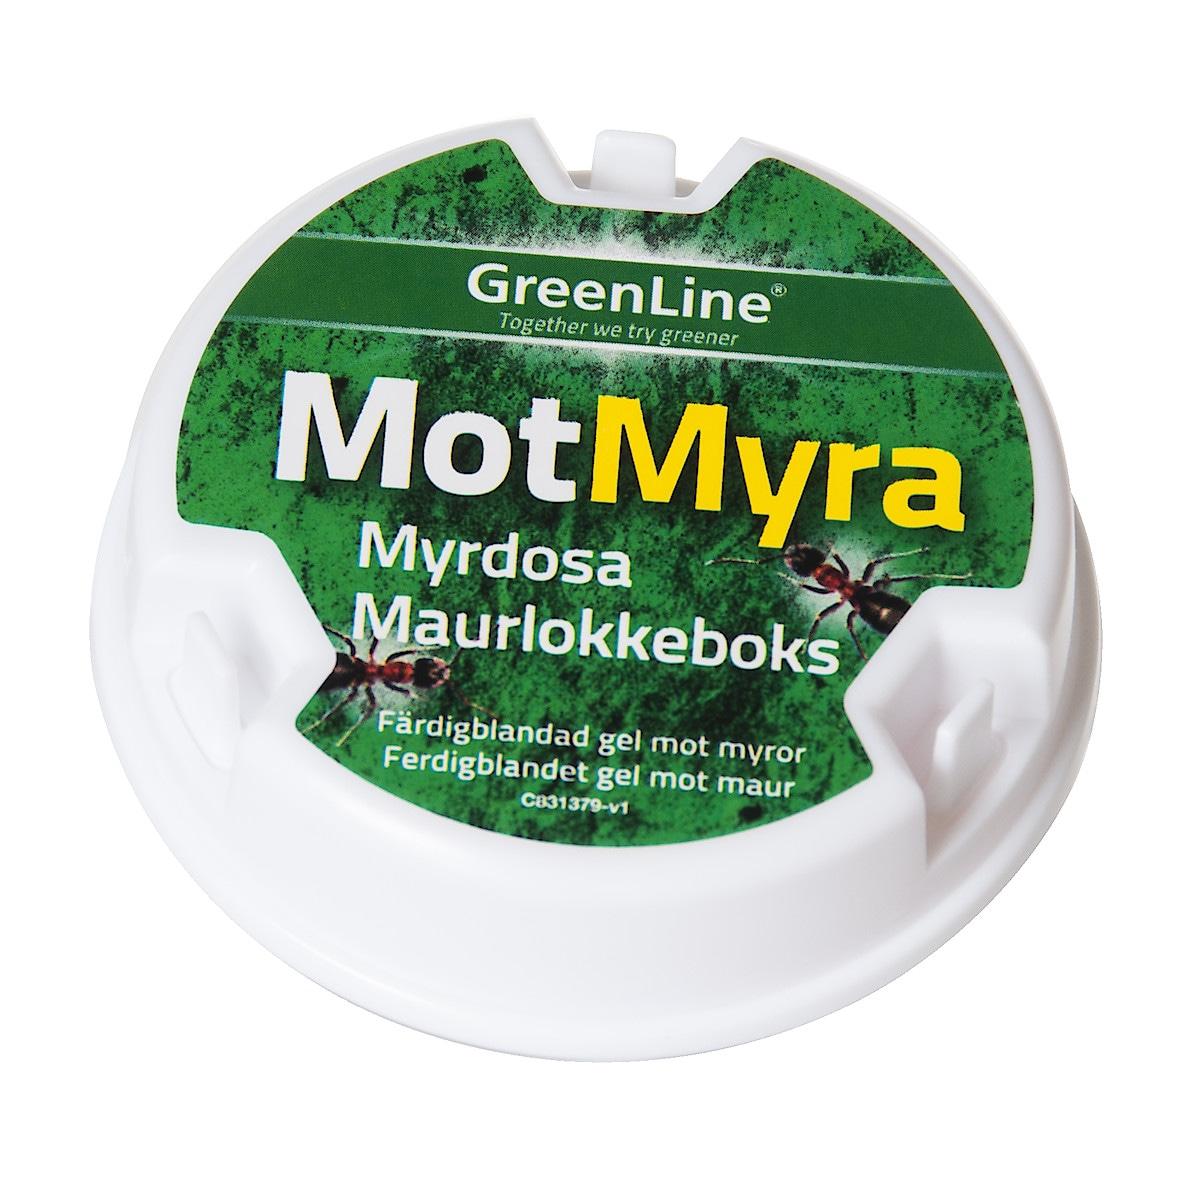 Myrdosa MotMyra